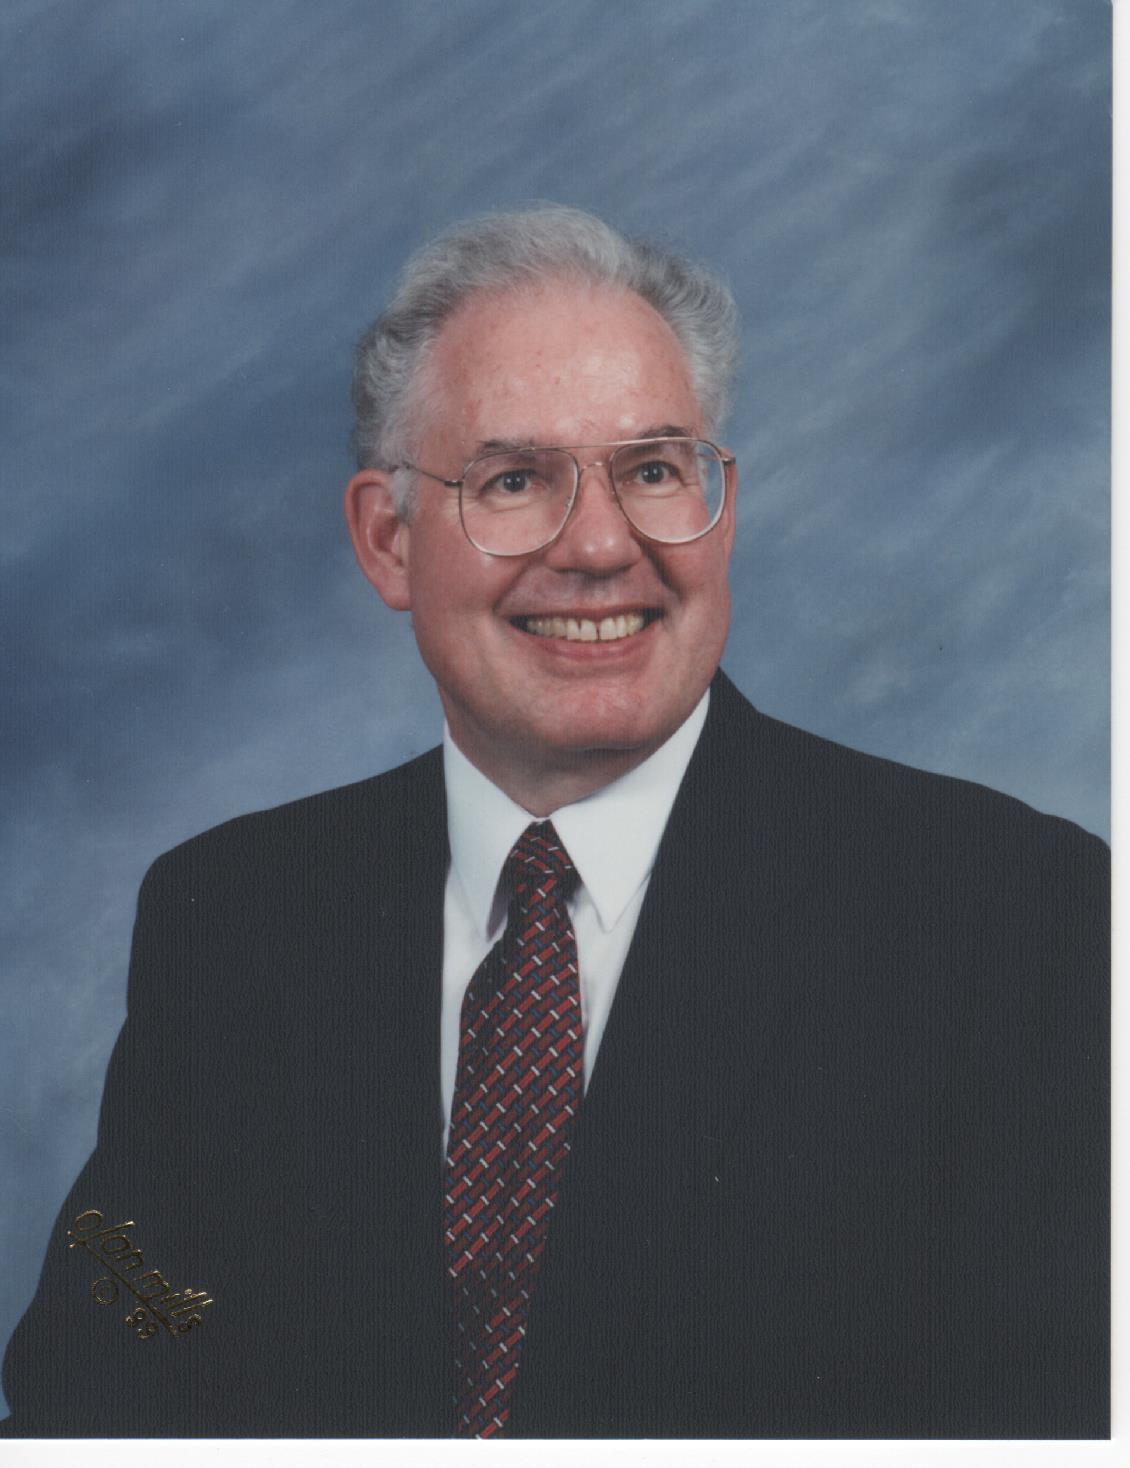 Rev. Charles J. Cederholm